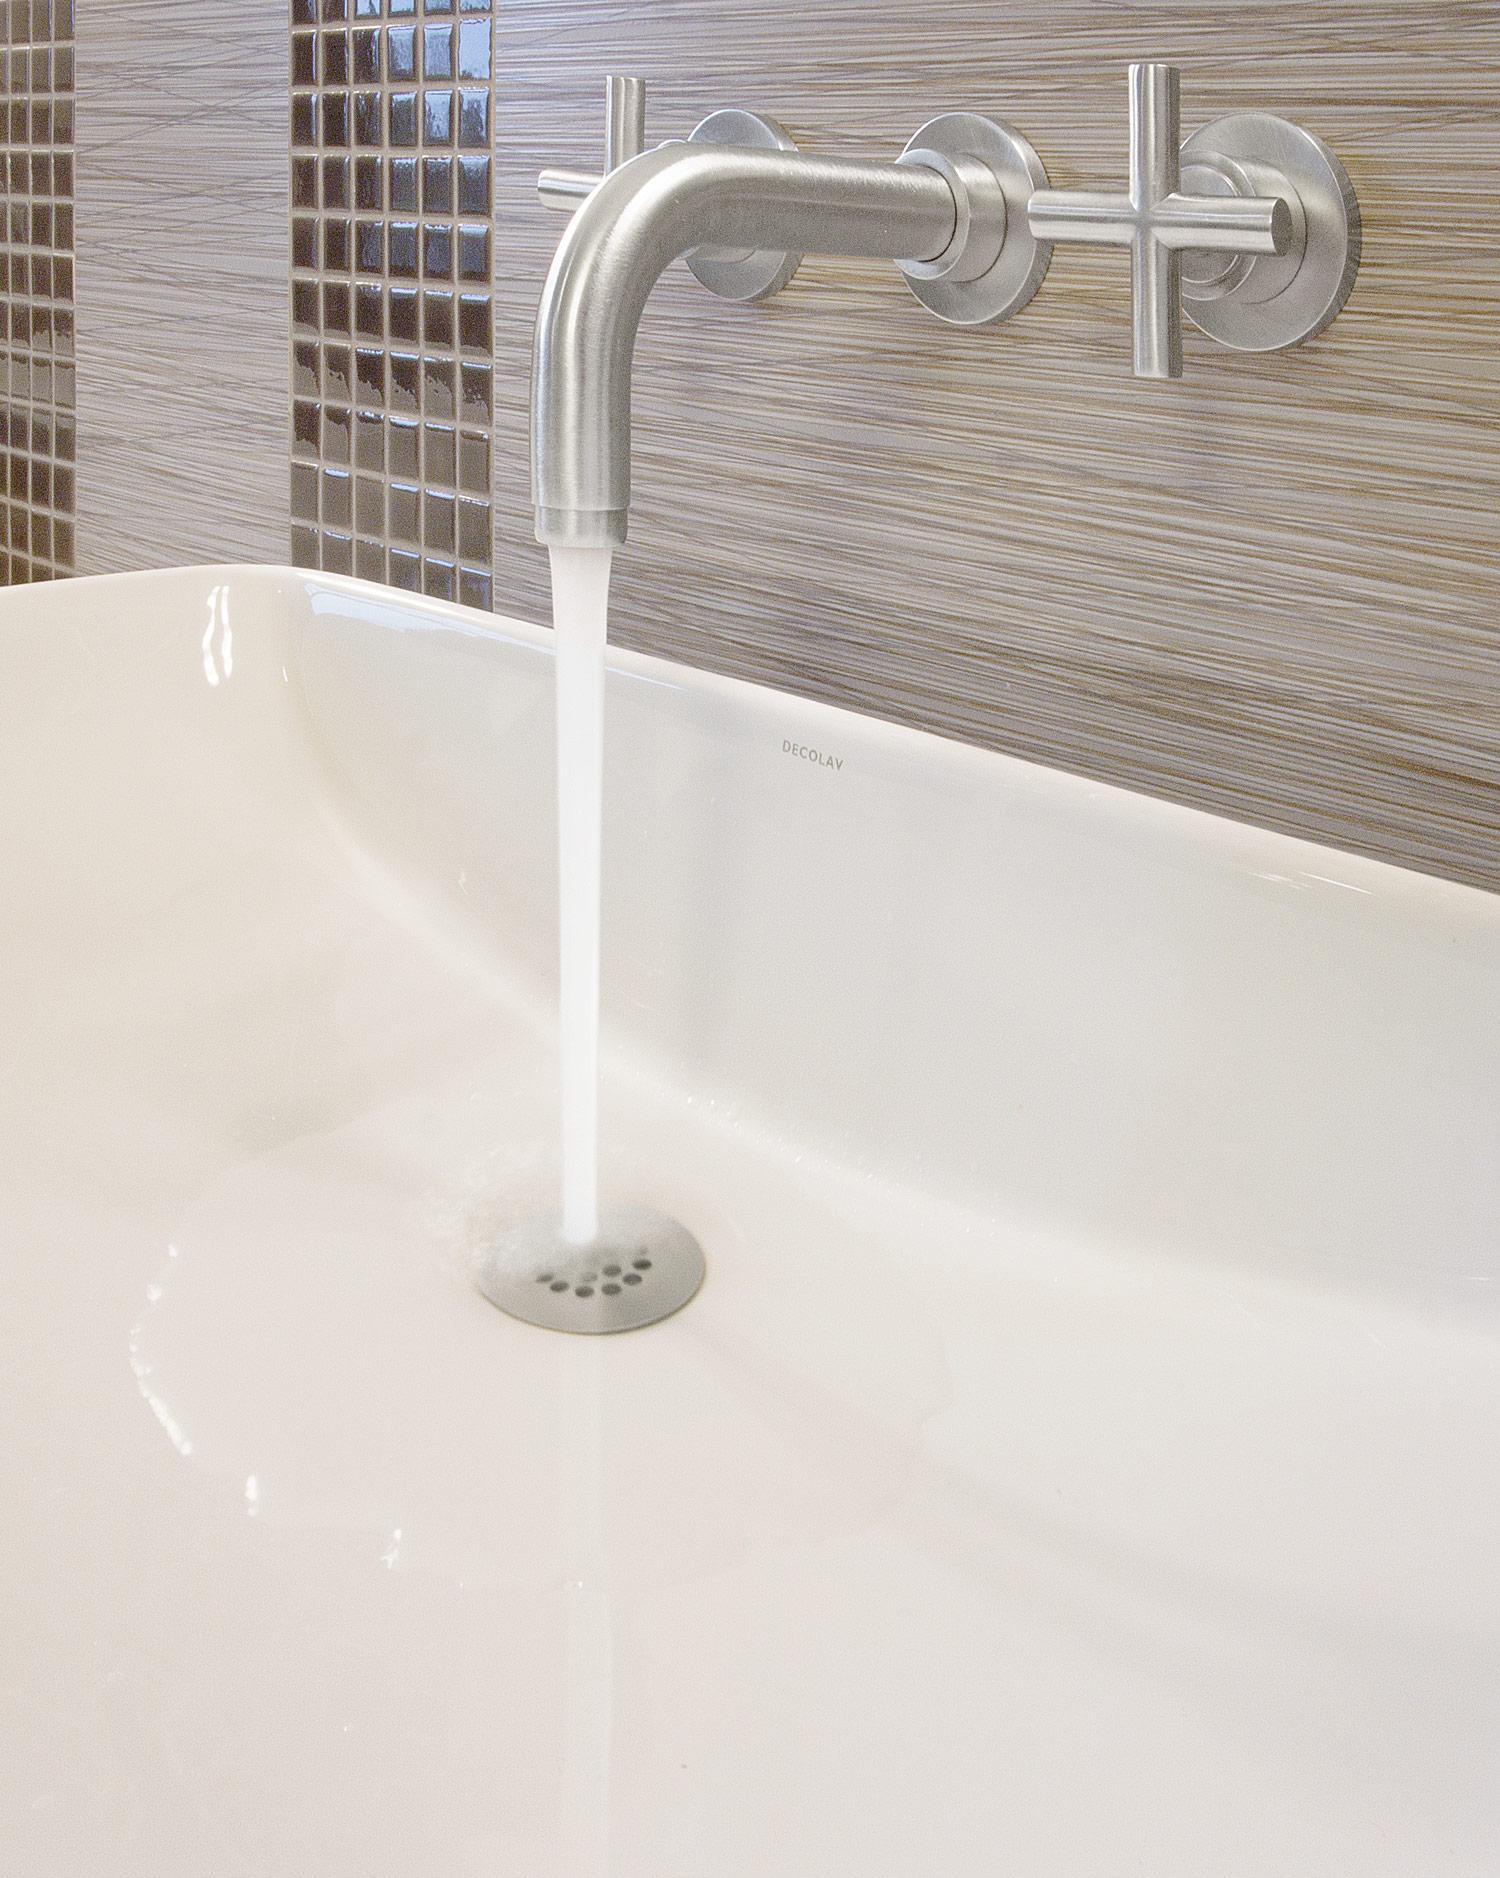 MC_Bath-Sink.jpg